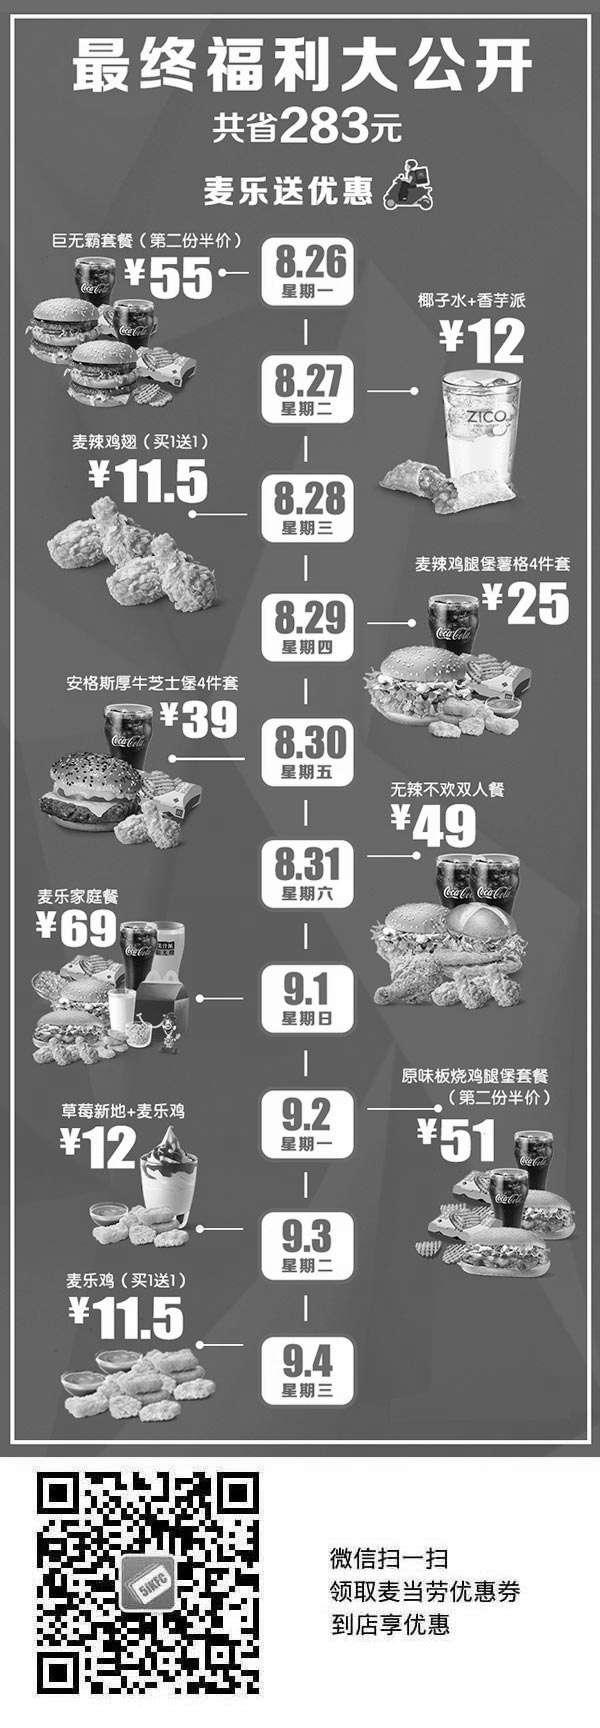 黑白优惠券图片:麦当劳麦乐送2019年8月会员节,鸡翅买1送1、套餐第二份半价 - www.5ikfc.com